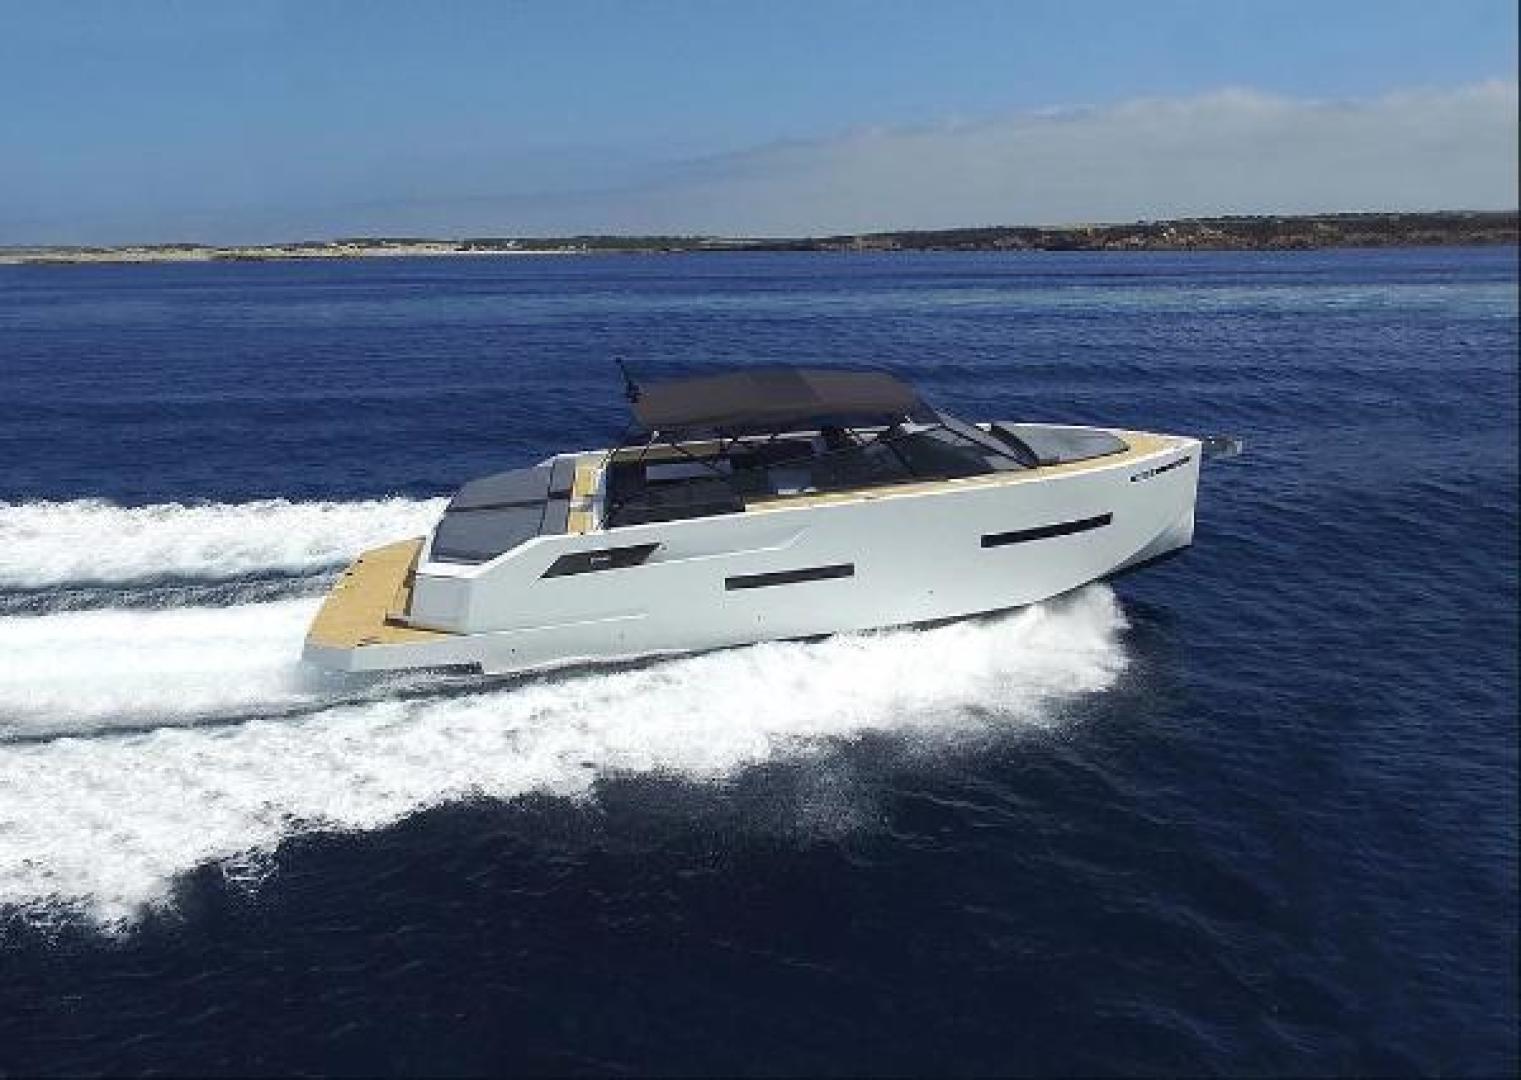 De Antonio-D46 Open 2021-De Antonio Yachts D46 Open Fort Lauderdale-Florida-United States-1522688 | Thumbnail